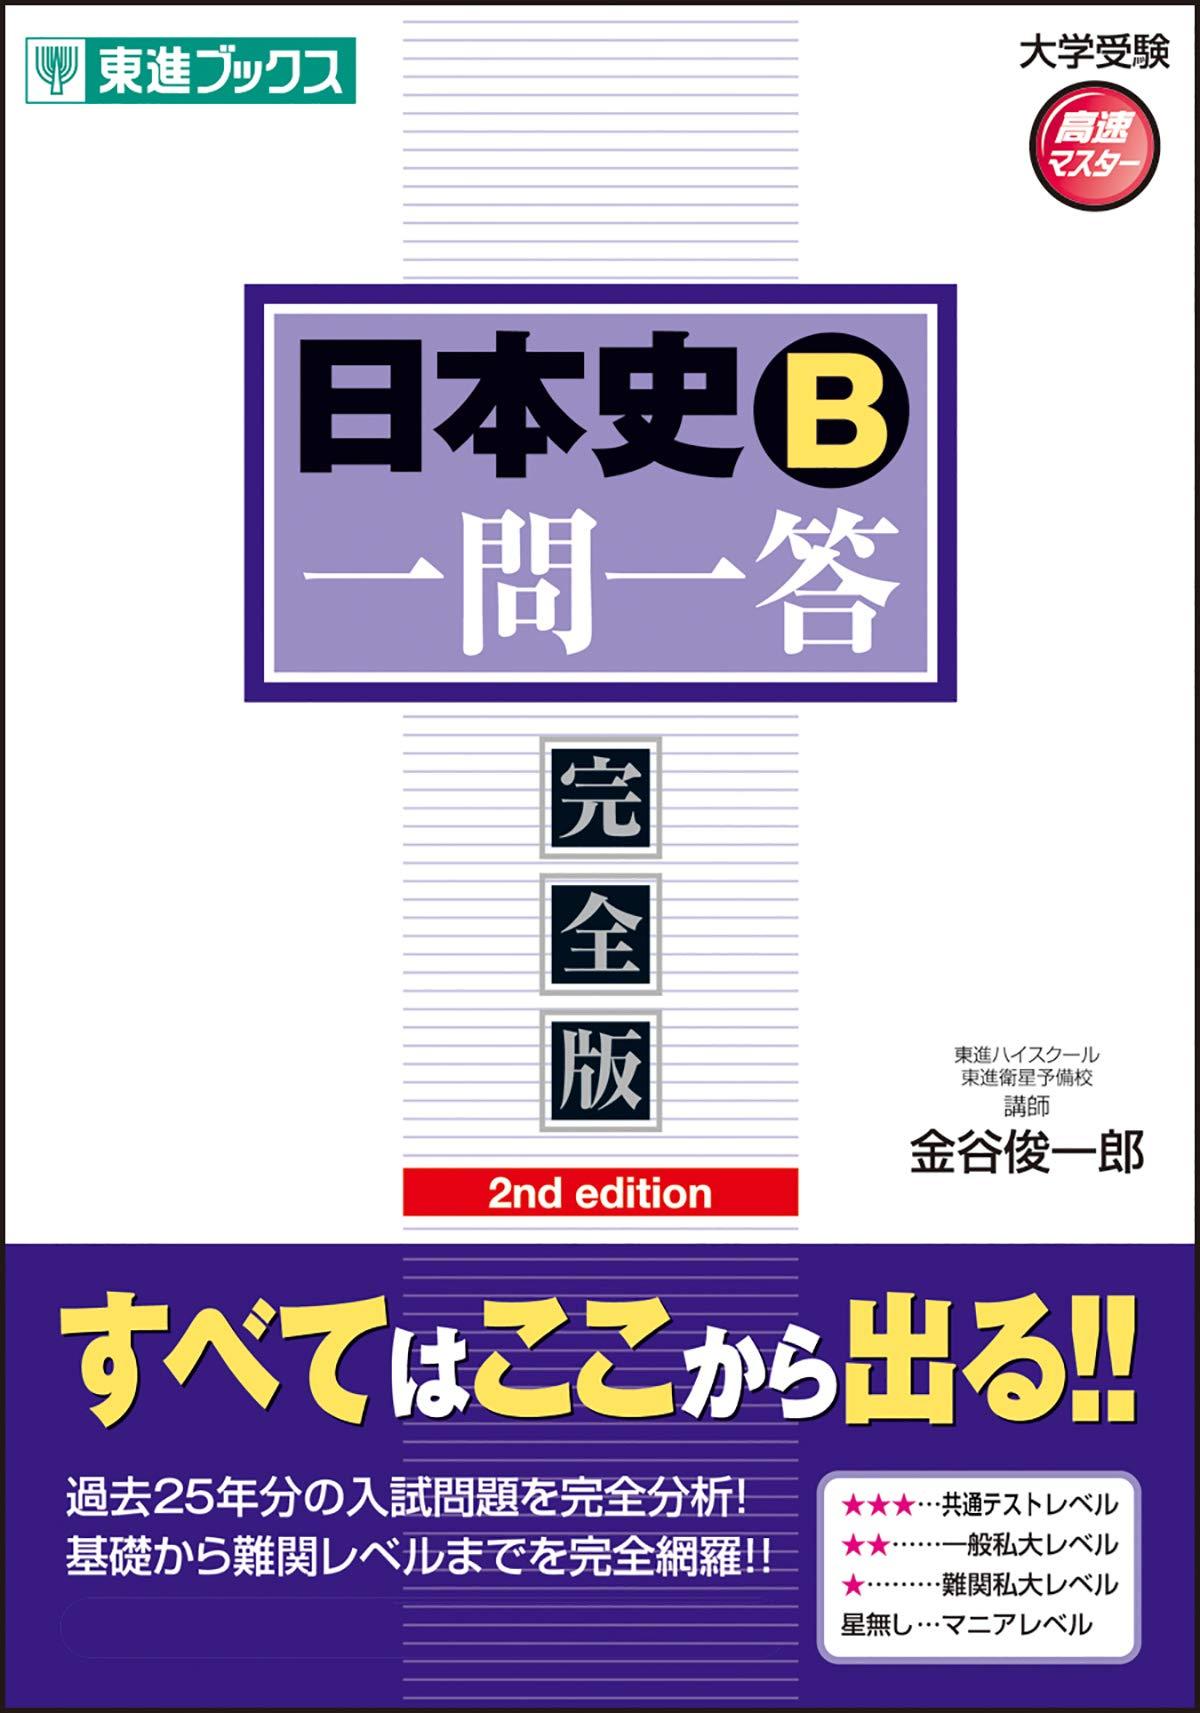 『日本史B一問一答』の概要